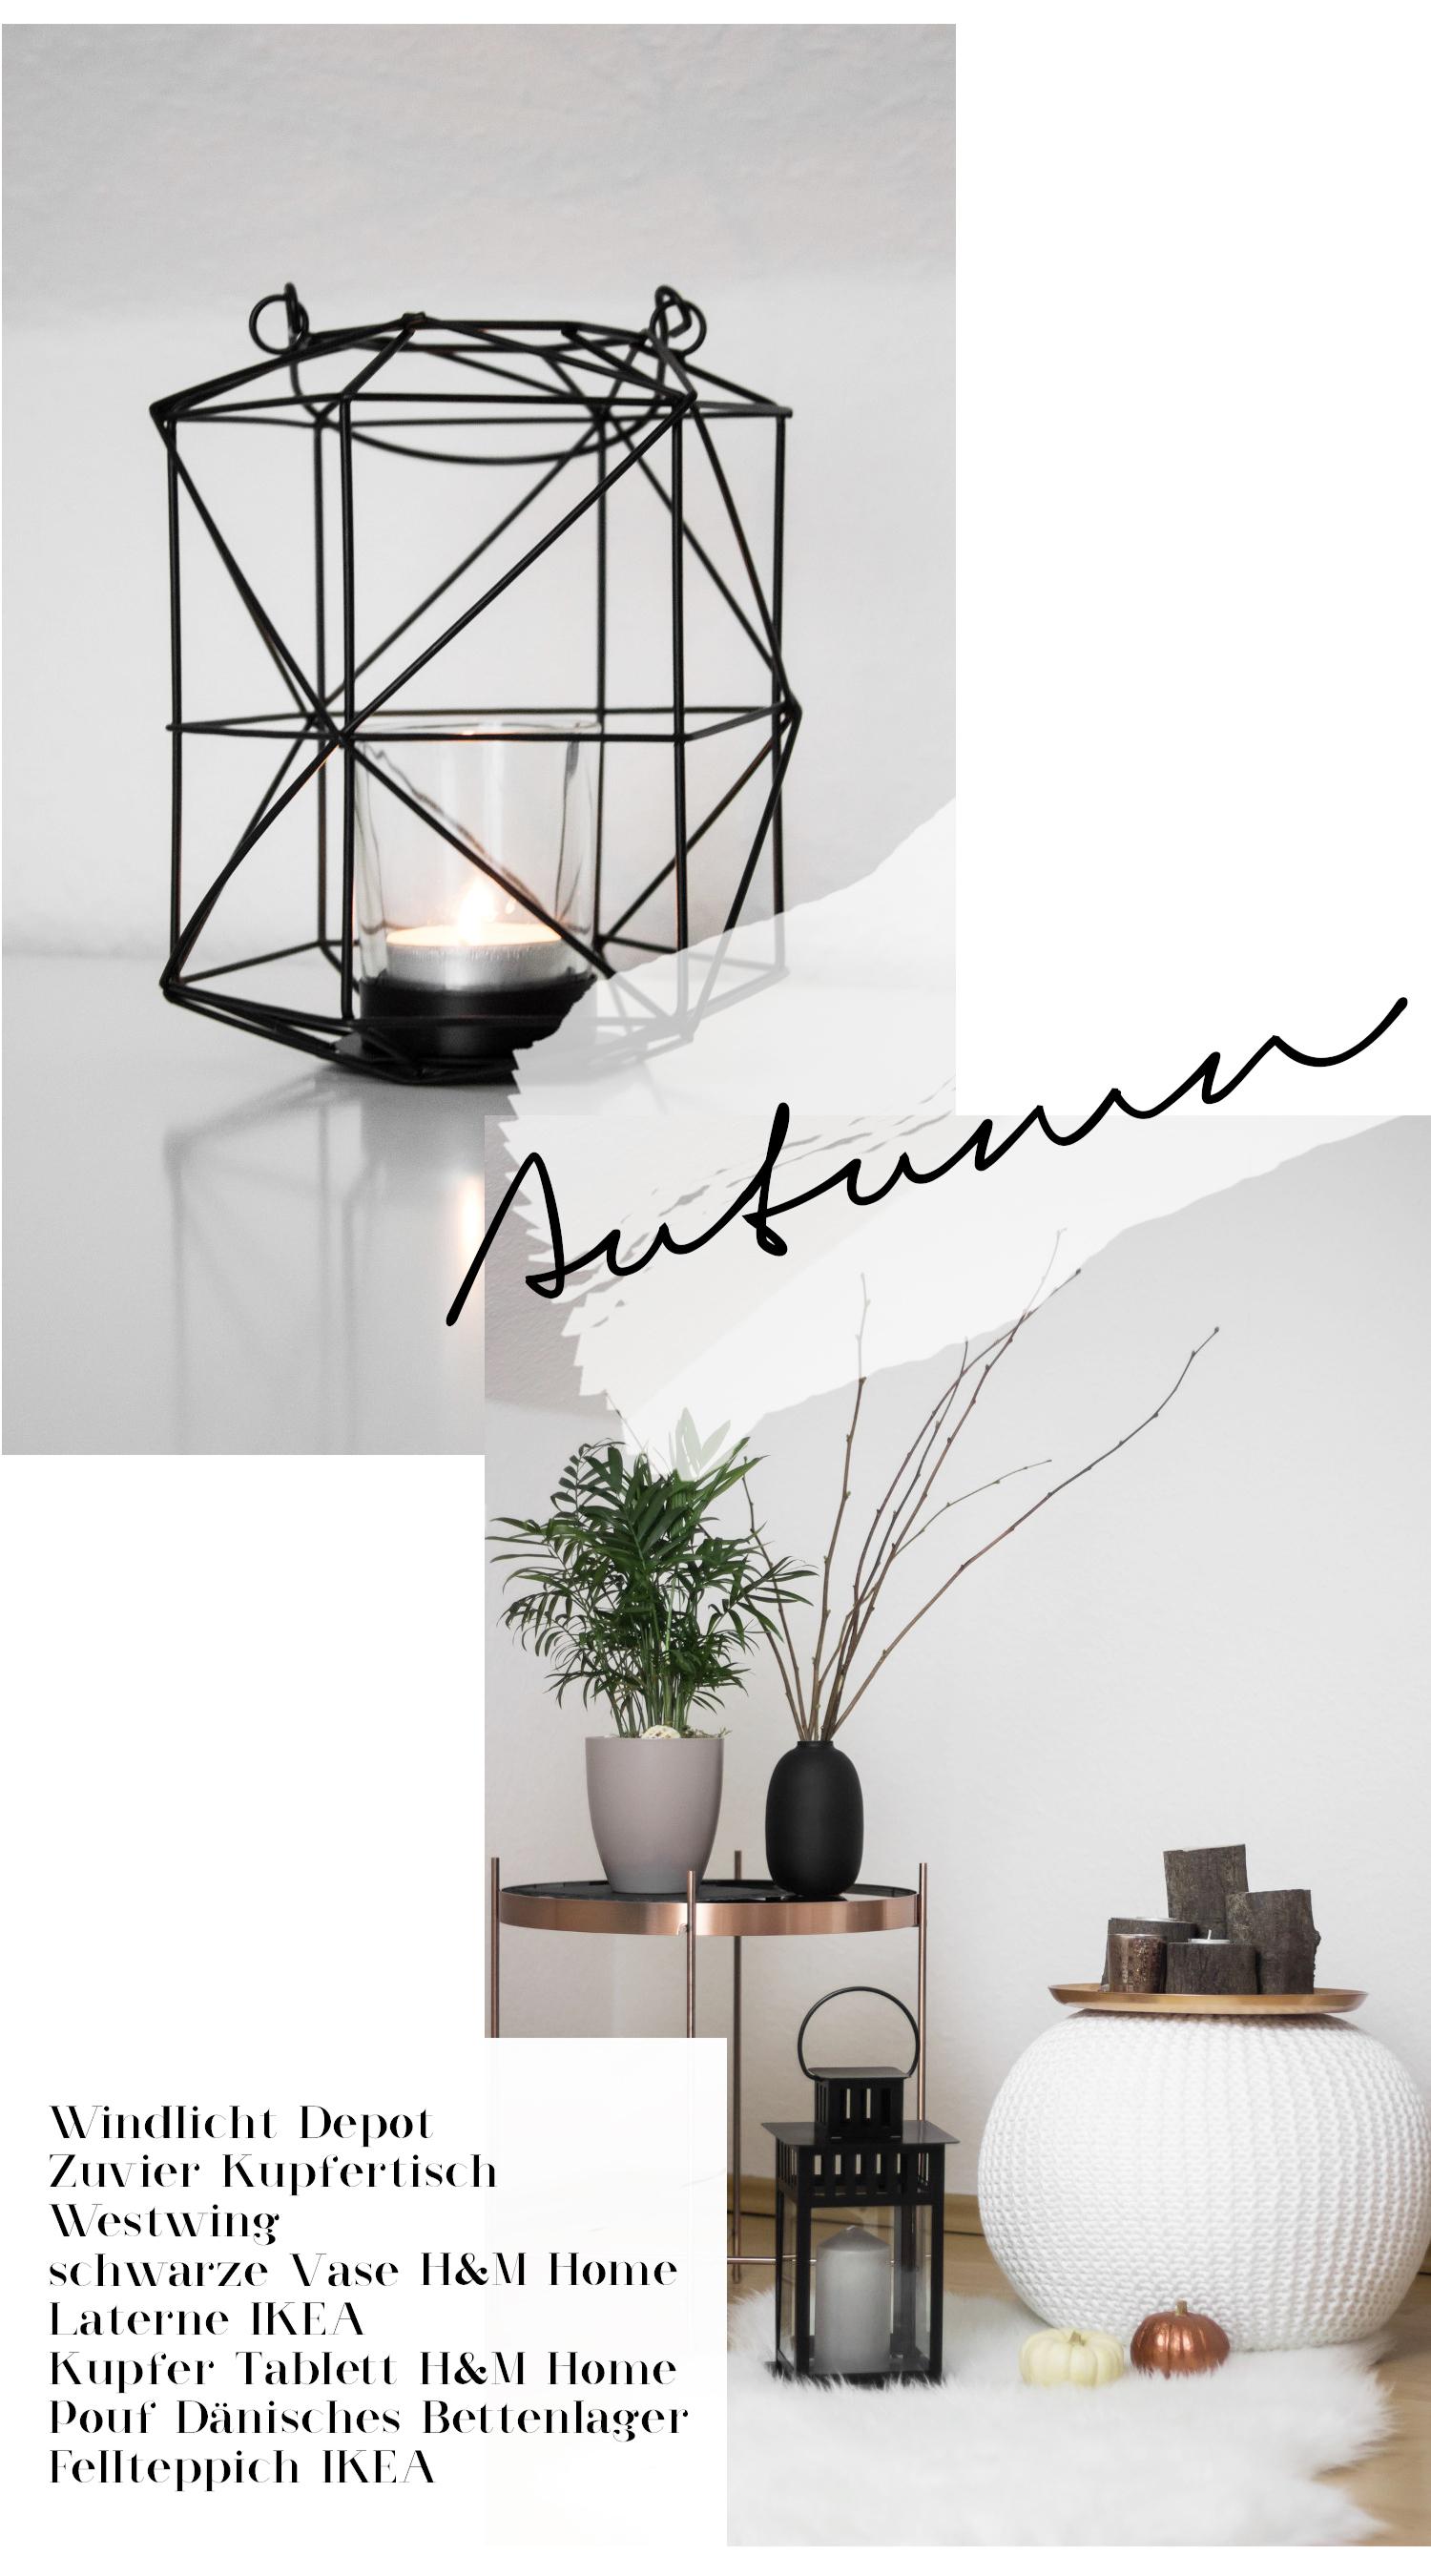 herbst dekoration einrichtung wohnen minimal interior schlafzimmer schwarz weiss bezauberndenana. Black Bedroom Furniture Sets. Home Design Ideas